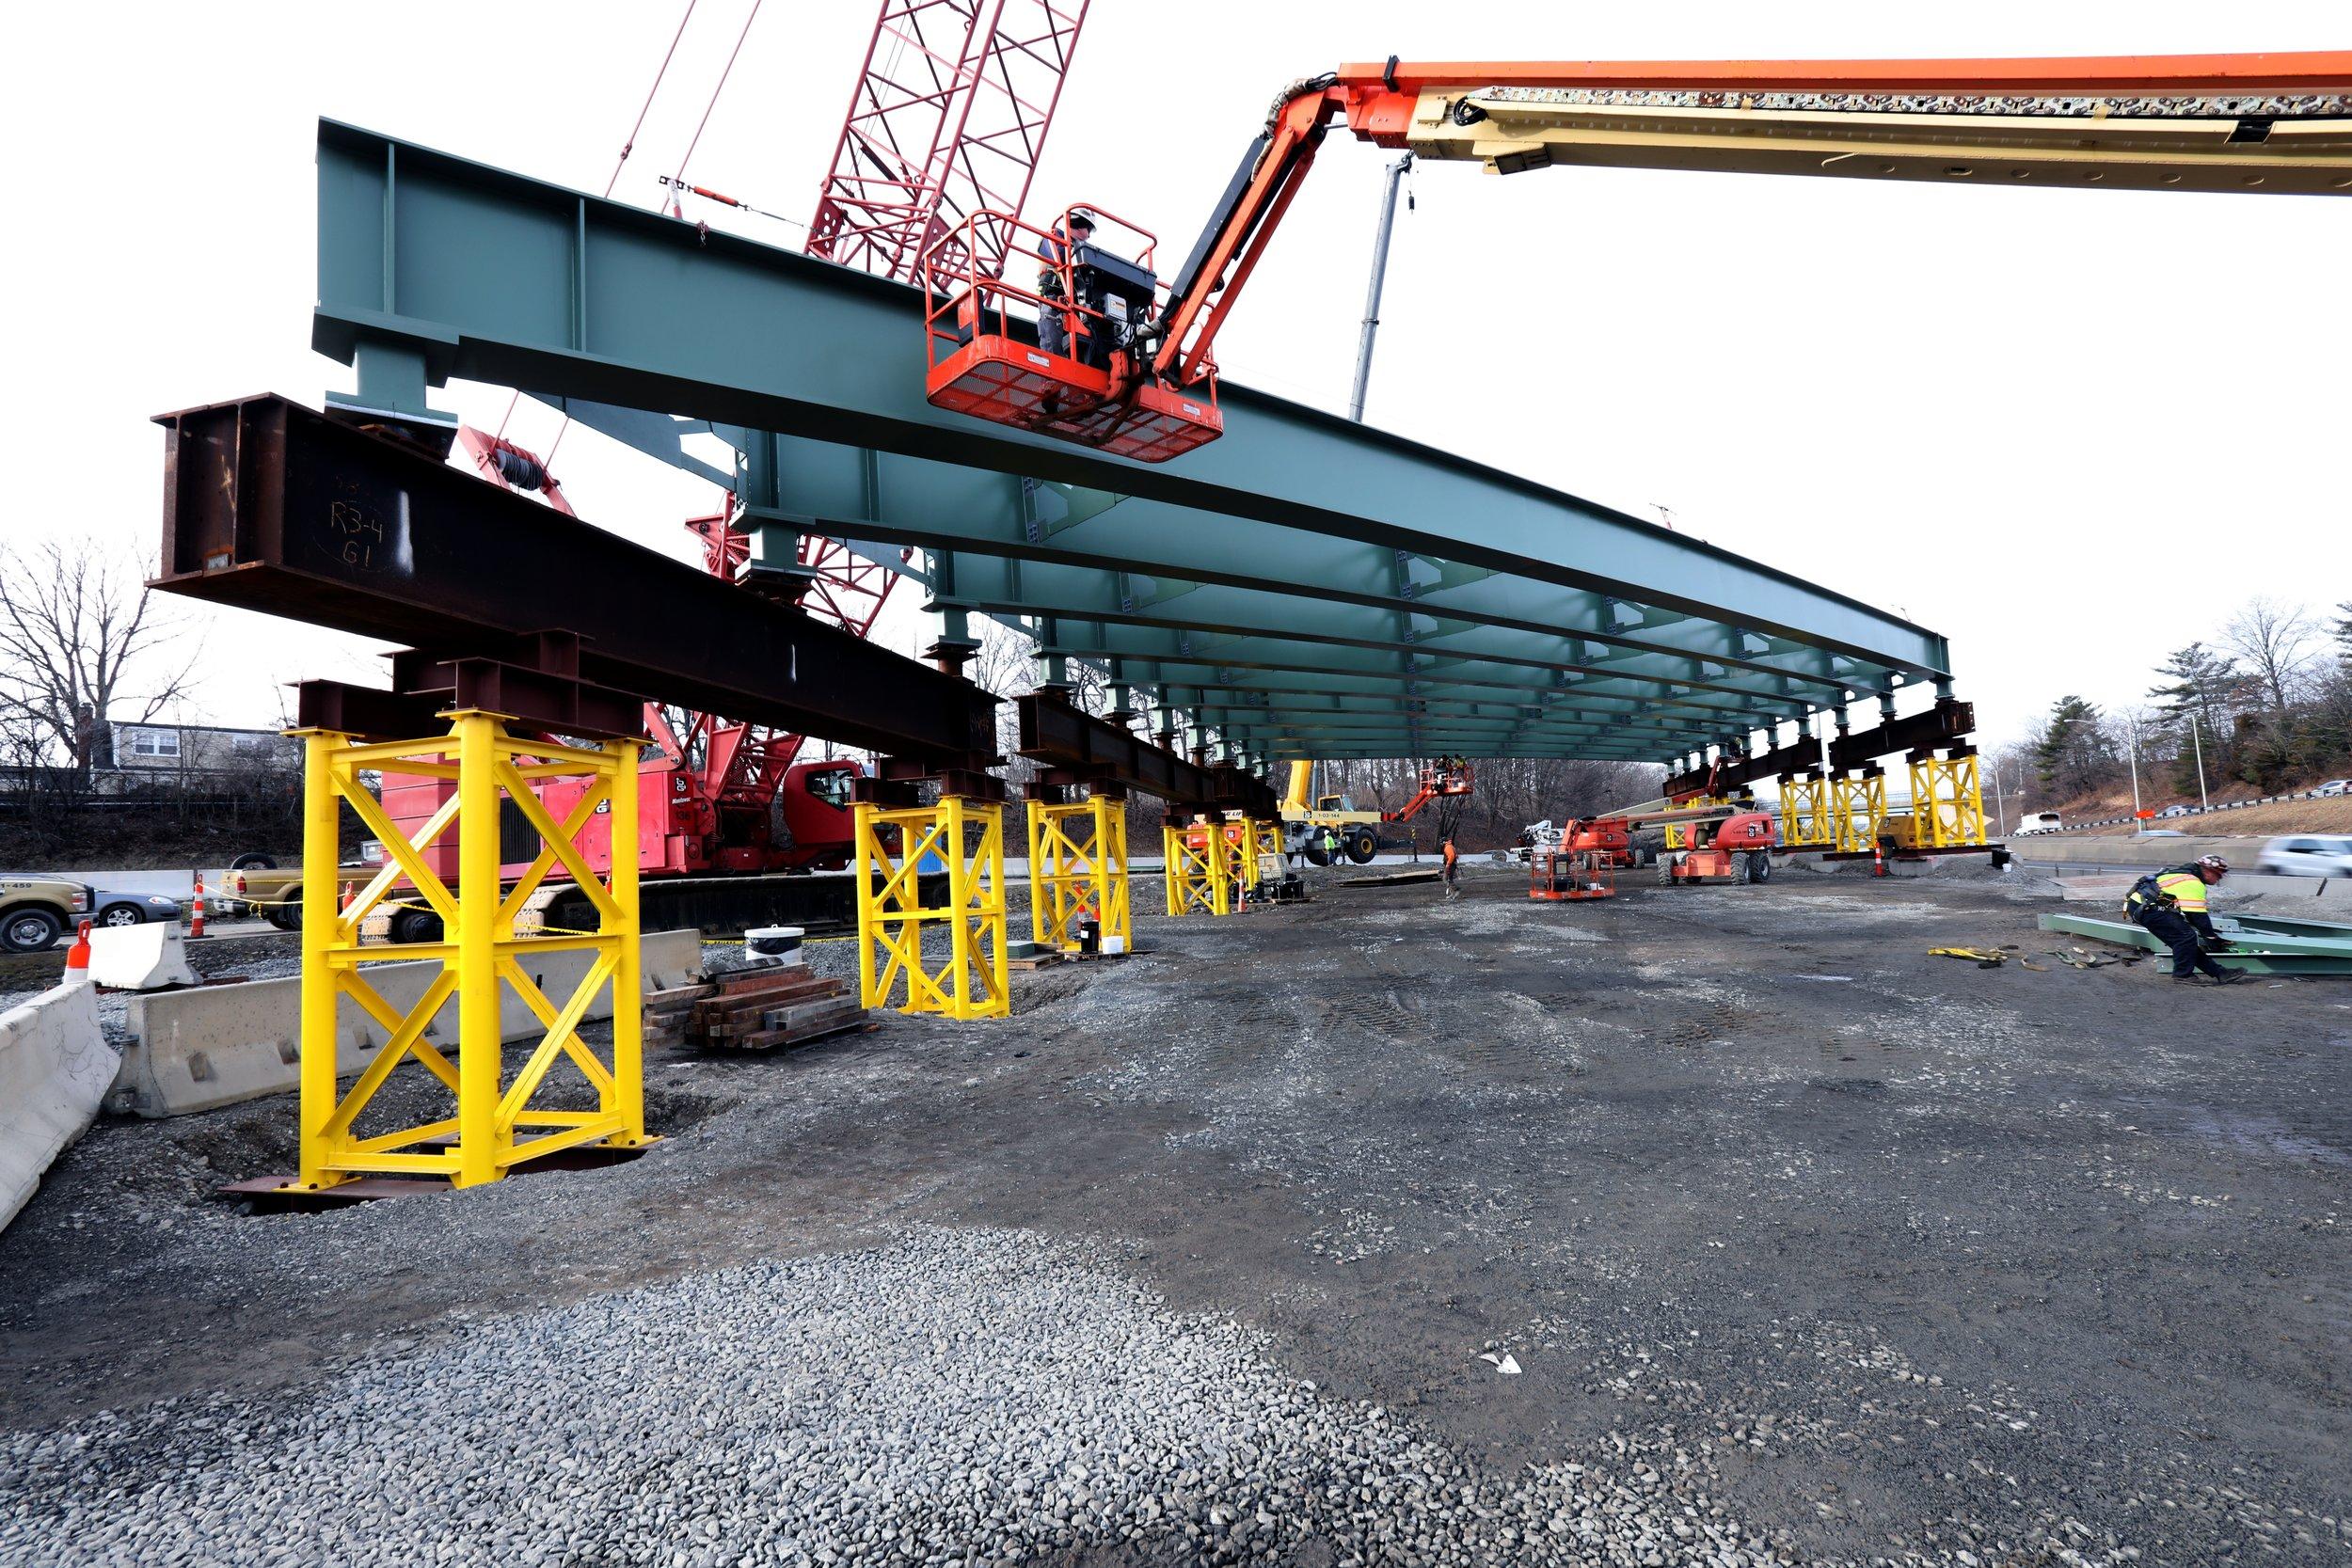 The Route 1 Bridge work site    2/23/2019 by Peter Venoutsos